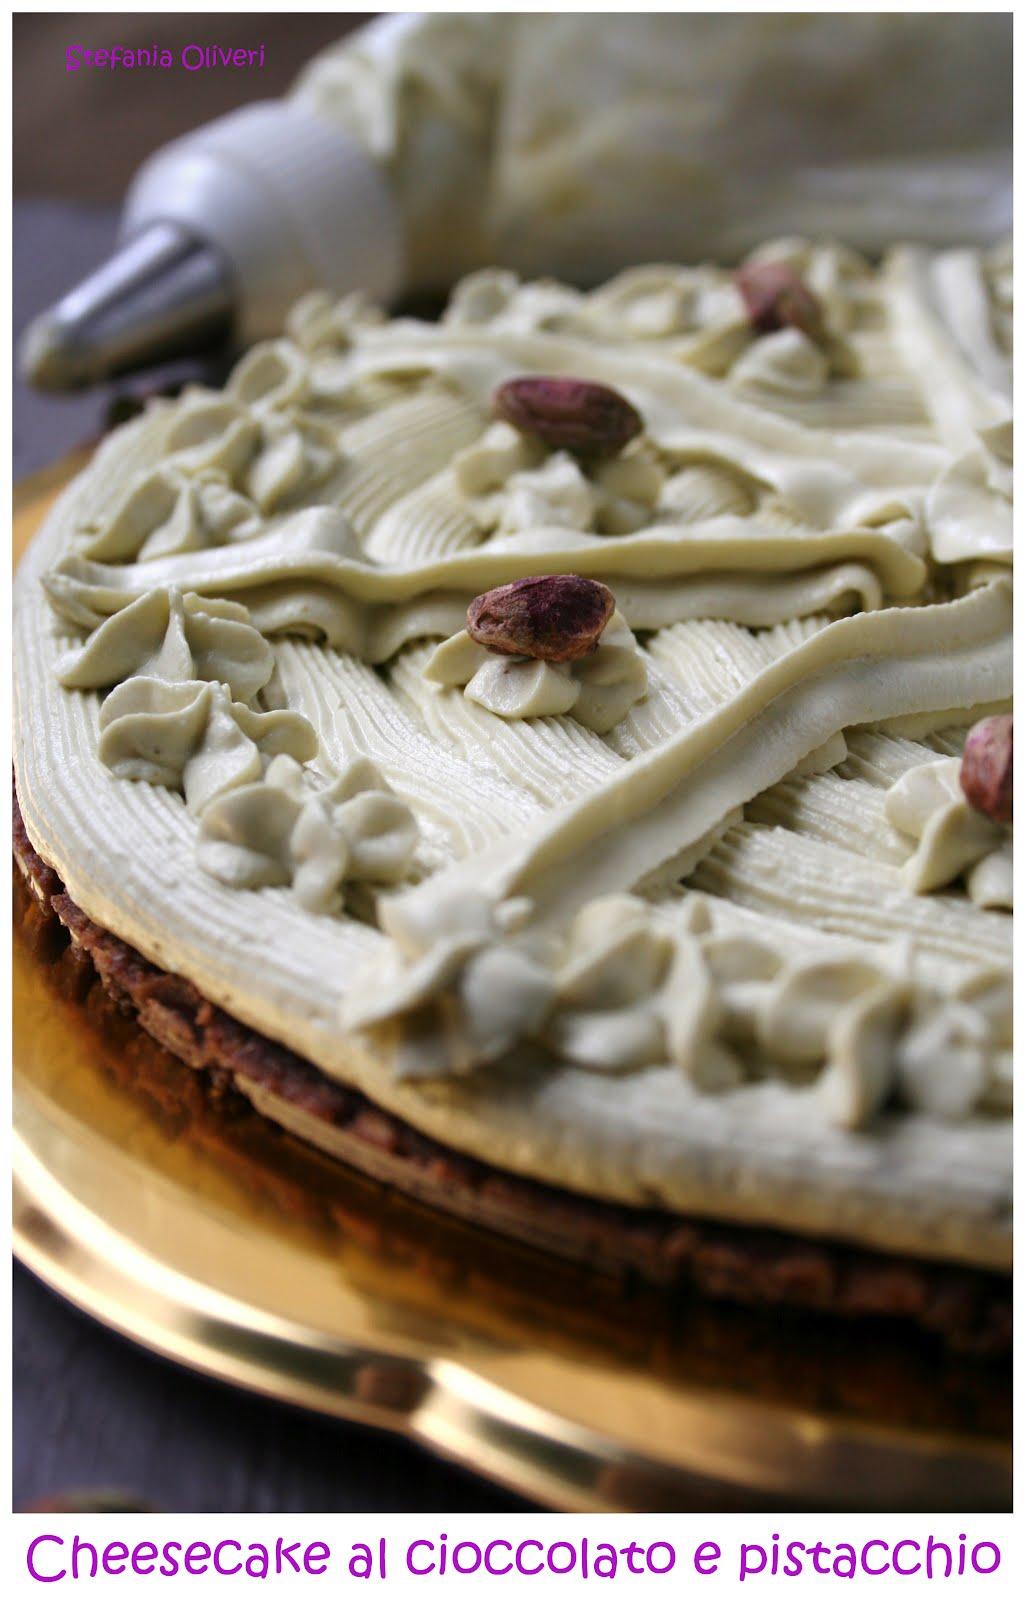 cheesecake al cioccolato e pistacchi - Cardamomo & co